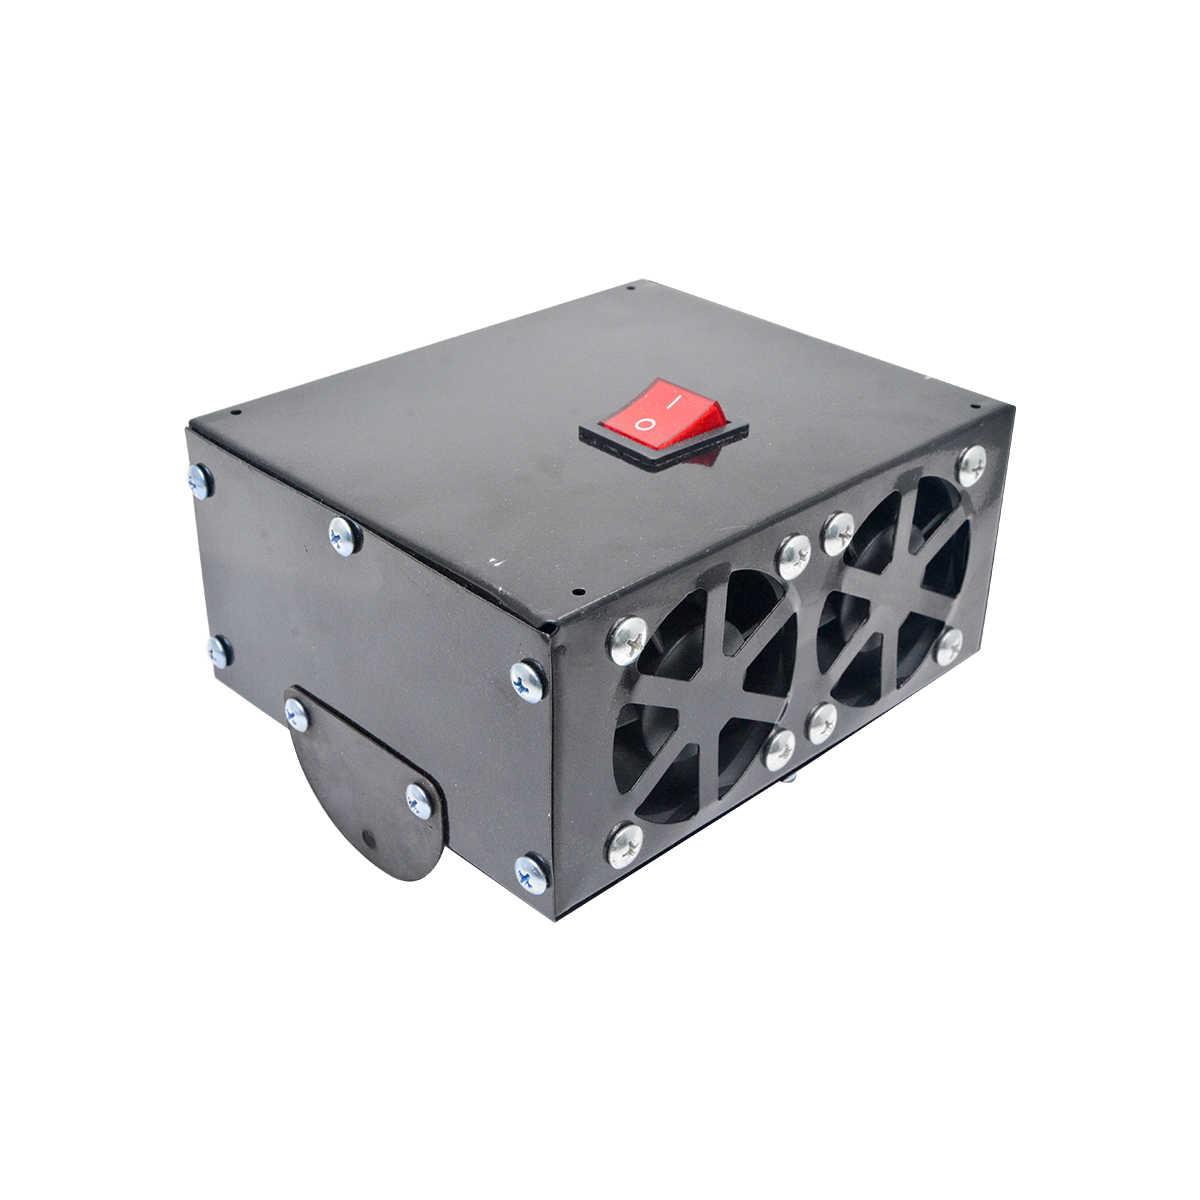 12V 500W Универсальный Стекло Demister автомобильного обогревателя автомобиля обогревателем вентилятор для автомобиля Портативный Контроль температуры устройства